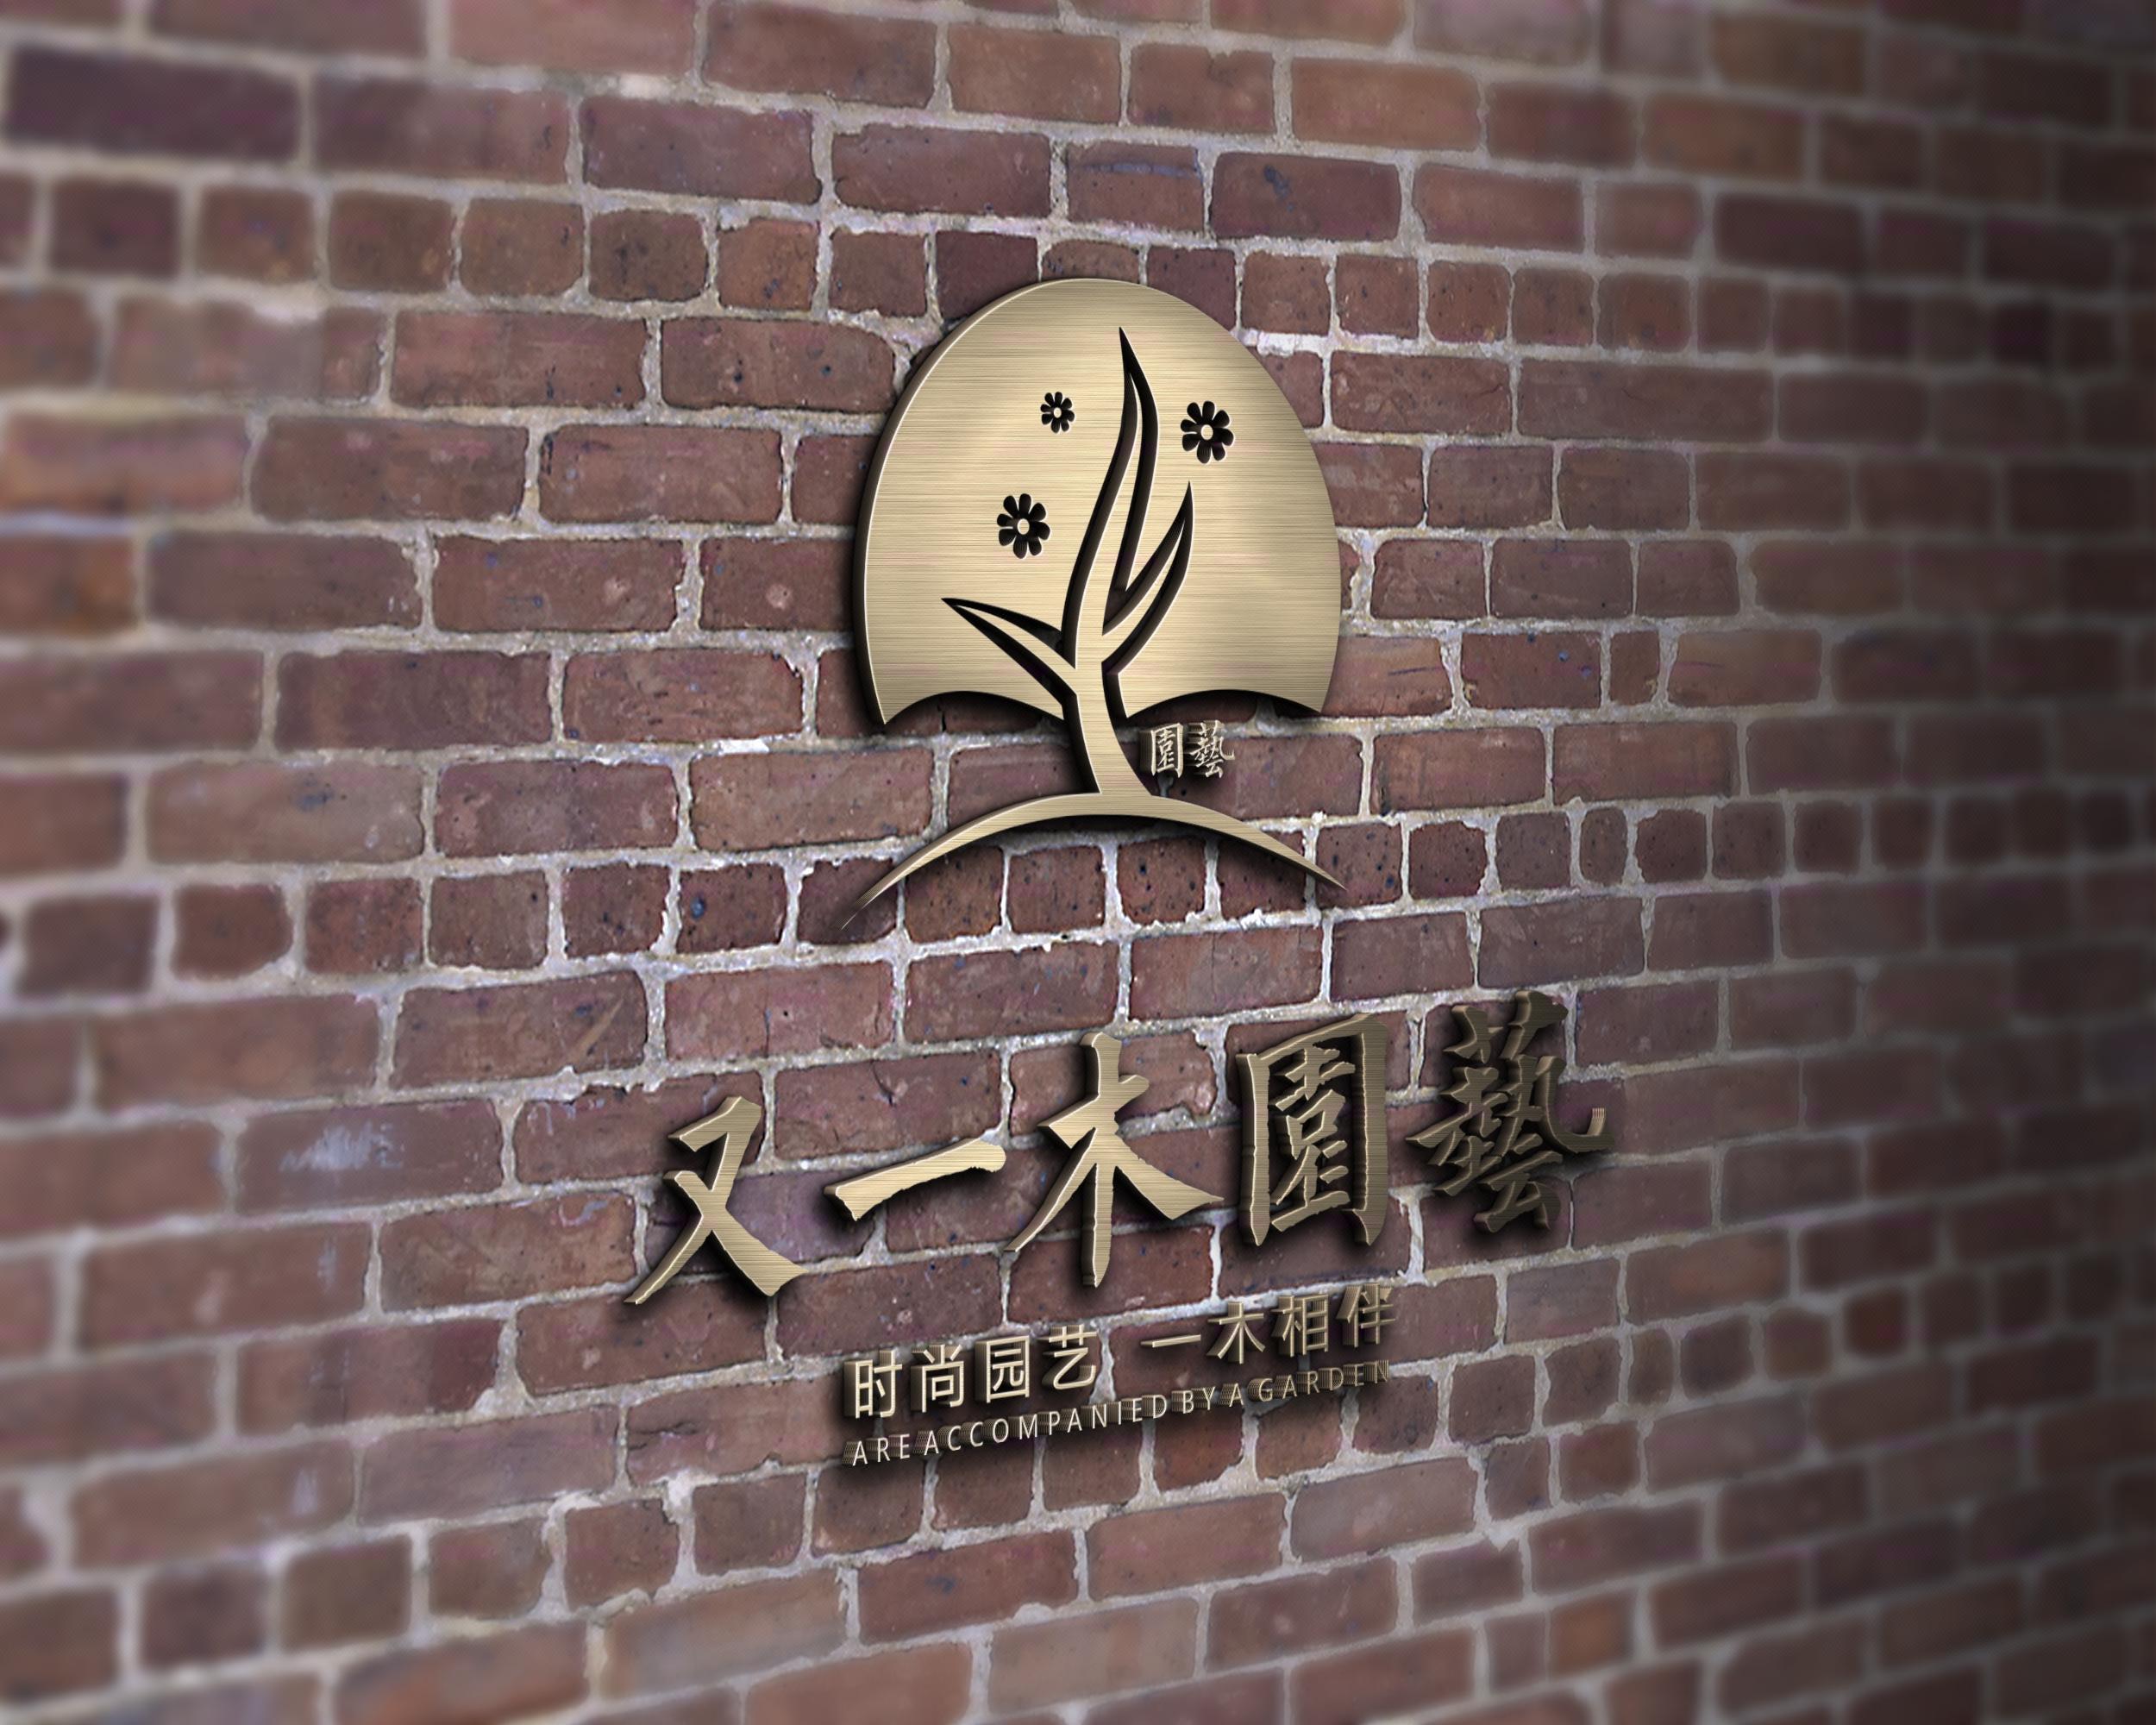 首山设计logo设计企业公司餐饮品牌房地产logo标志设计